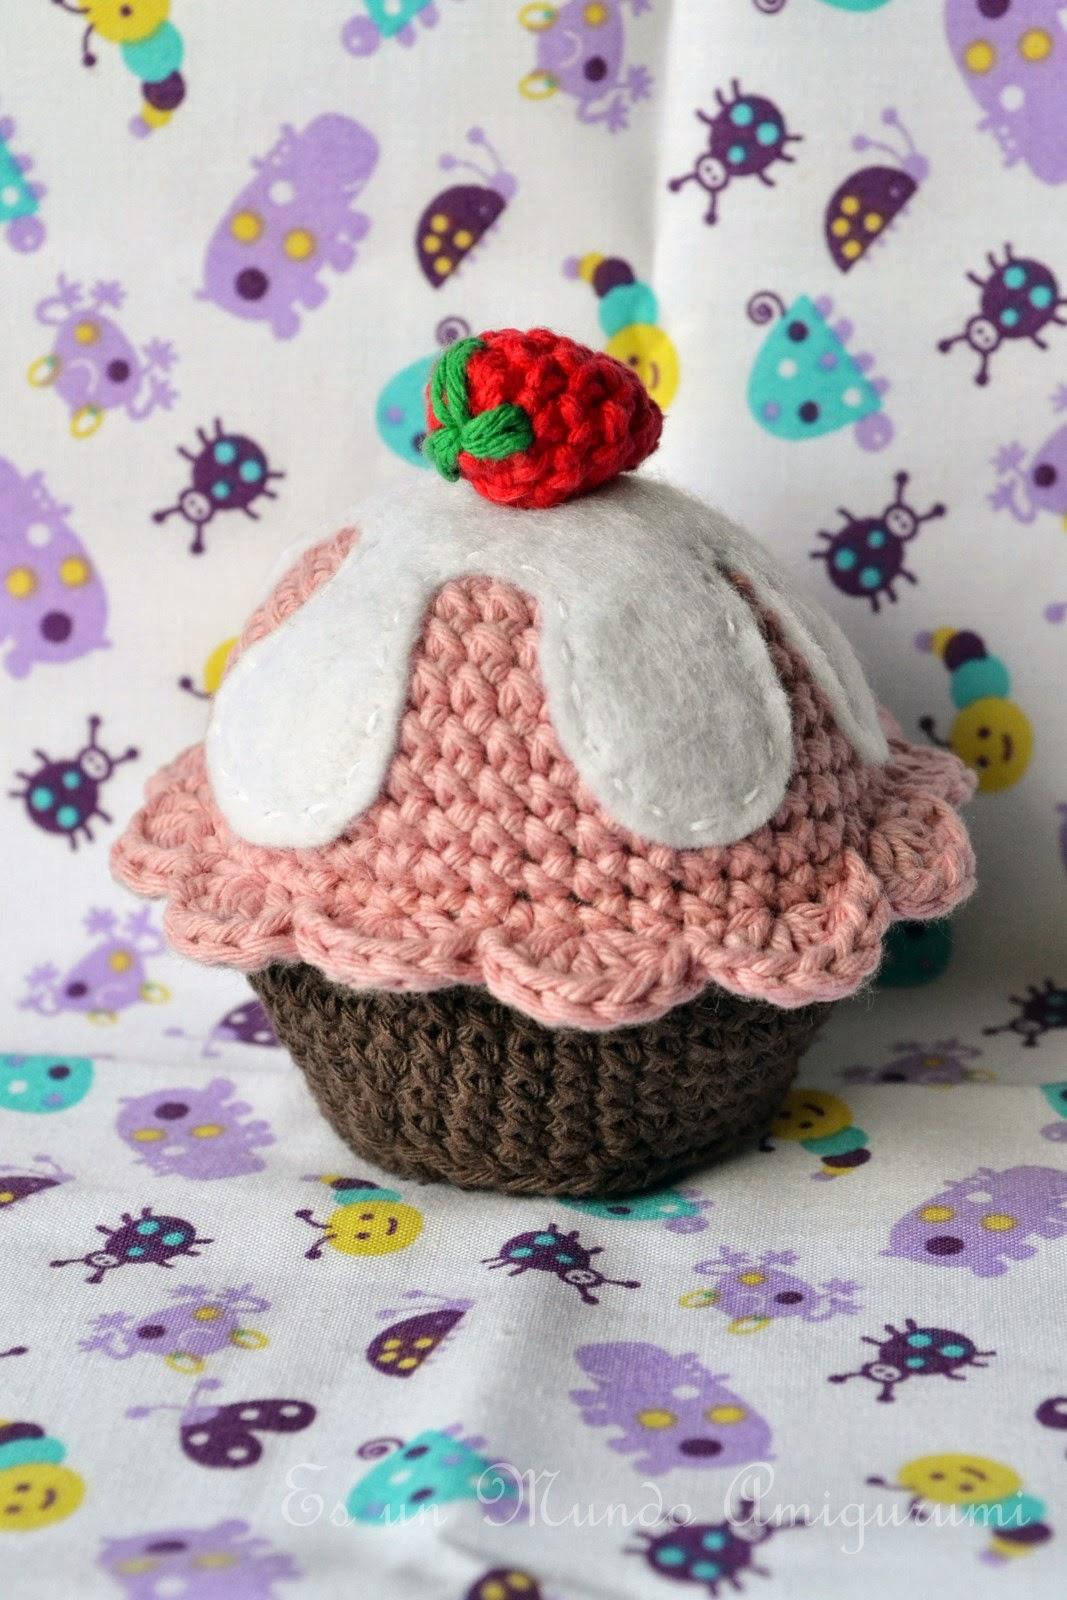 Cupcake Amigurumi Patron Gratis : Es un Mundo Amigurumi: Cupcake!!!! Patron gratis...